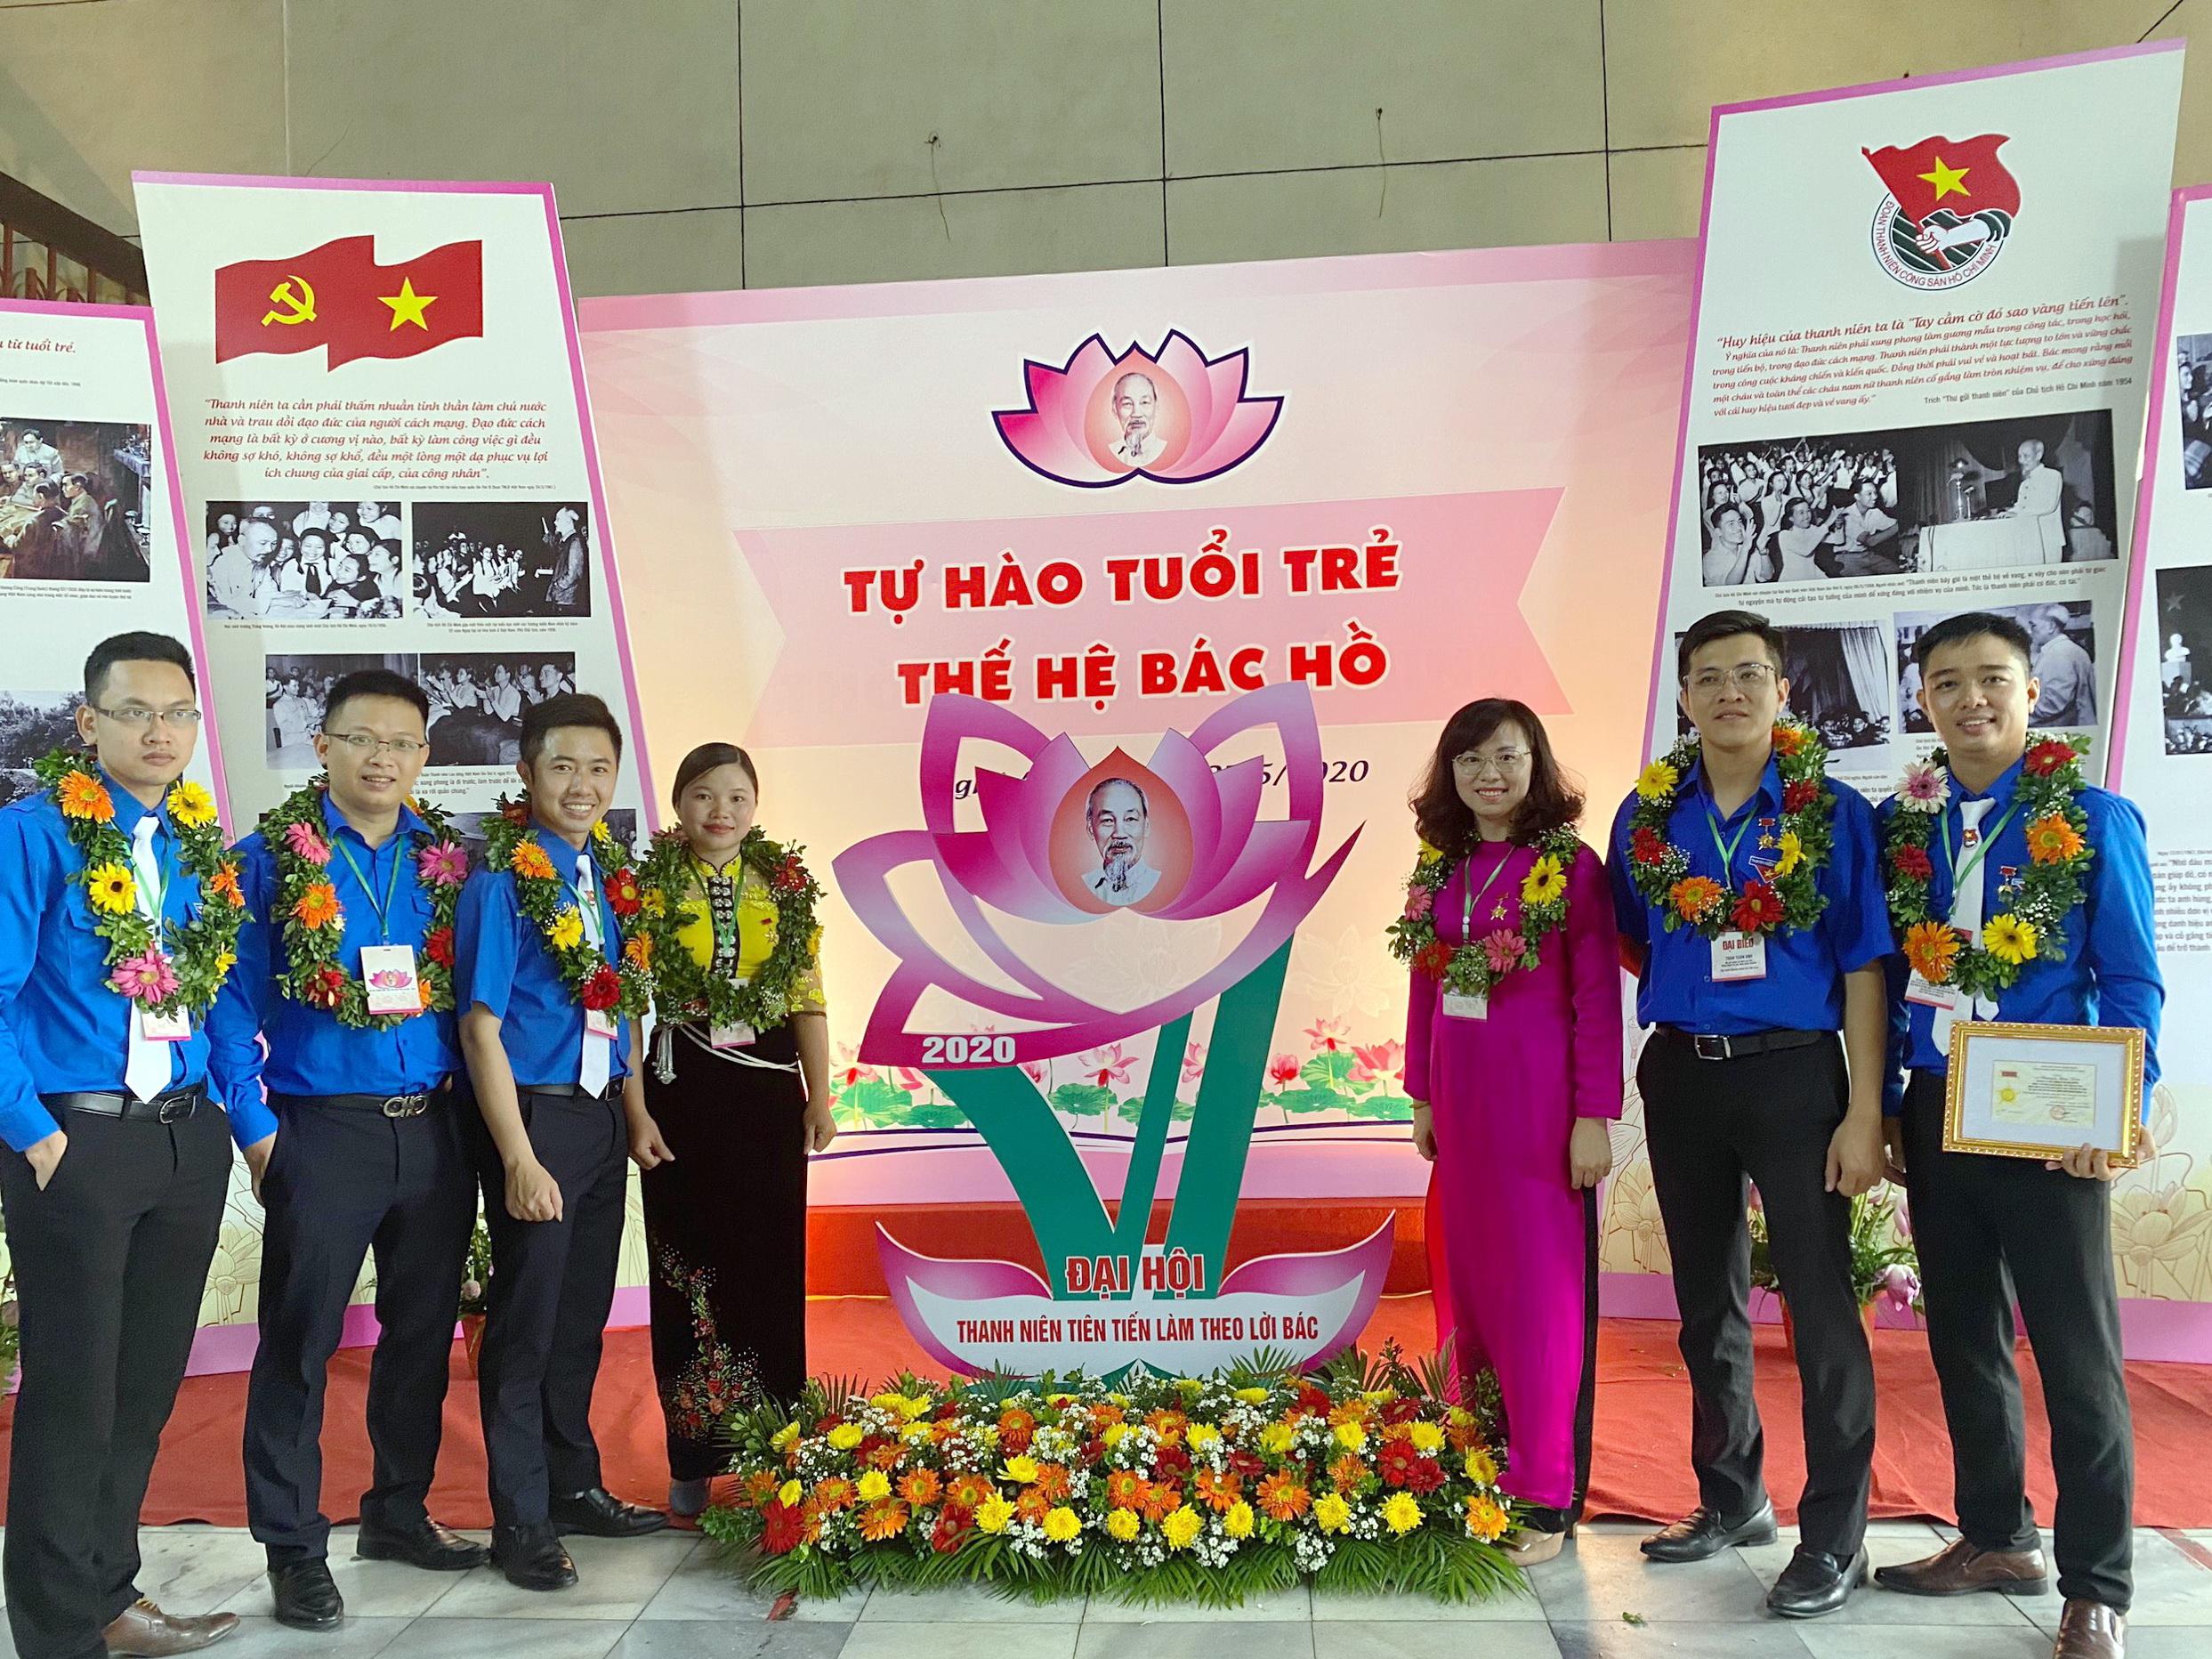 Tuổi trẻ PV GAS được Trung ương Đoàn vinh danh sáng kiến sáng tạo